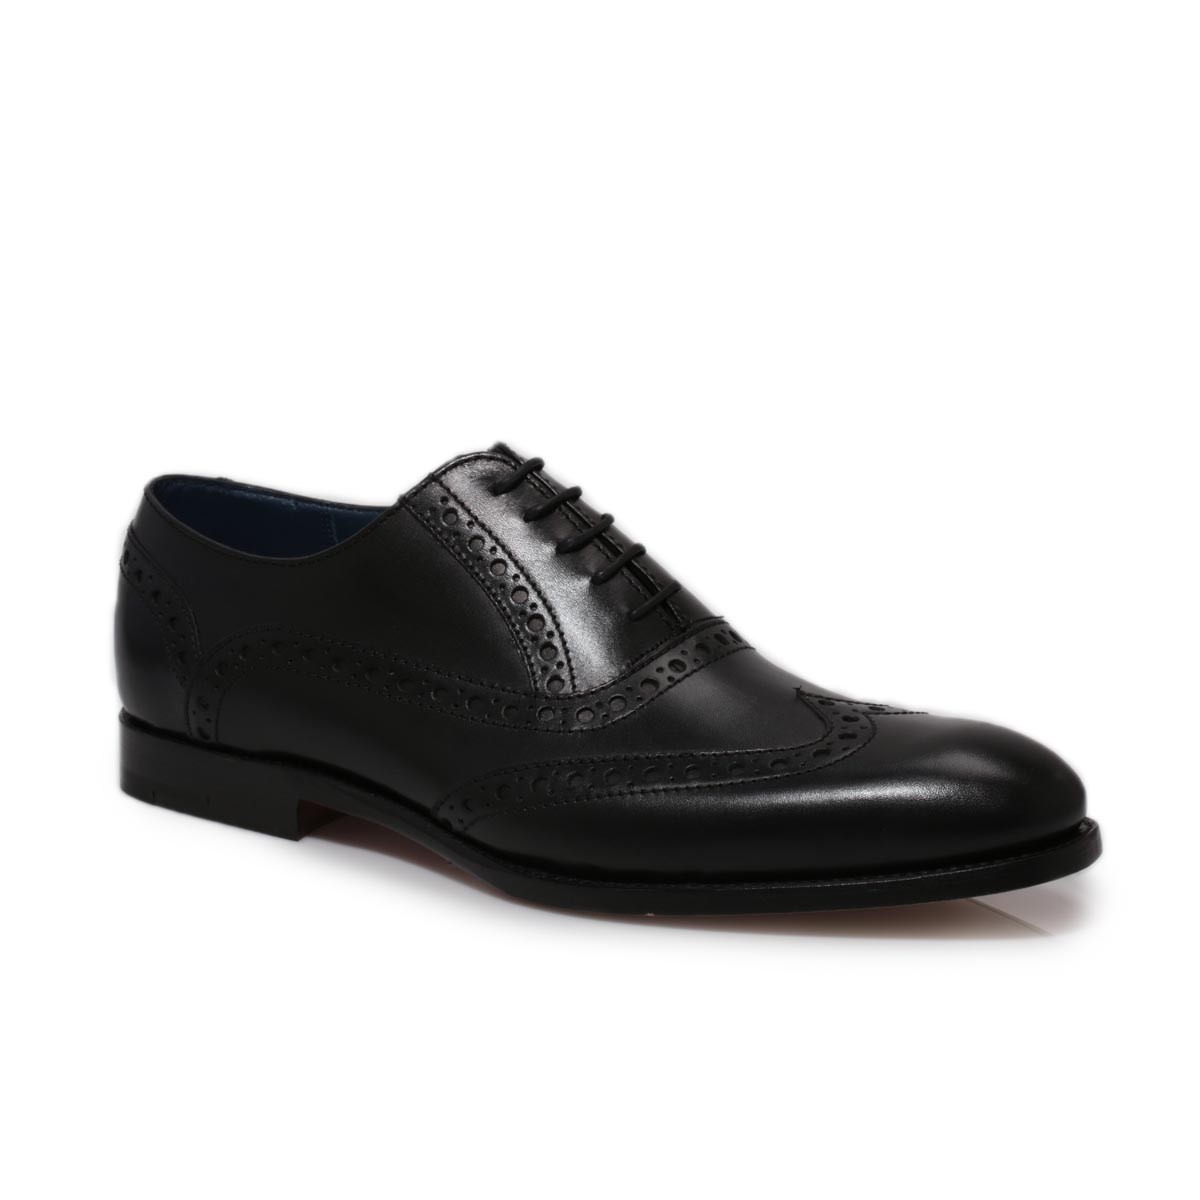 barker grant black leather smart lace up mens formal shoes